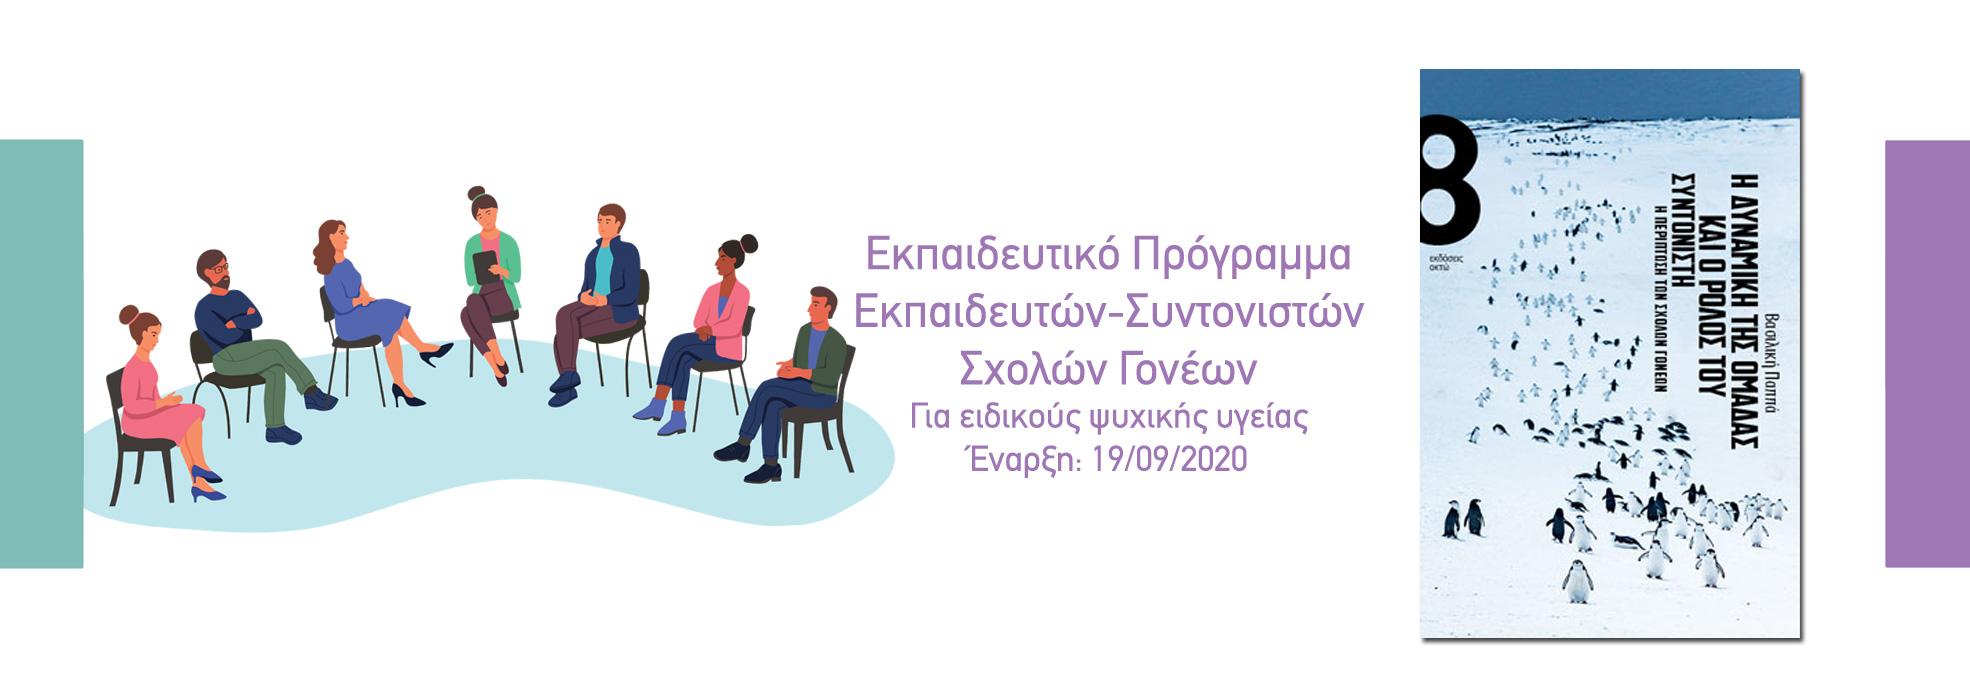 Εκπαιδευτικό Πρόγραμμα Εκπαιδευτών - Συντονιστών Σχολών Γονέων